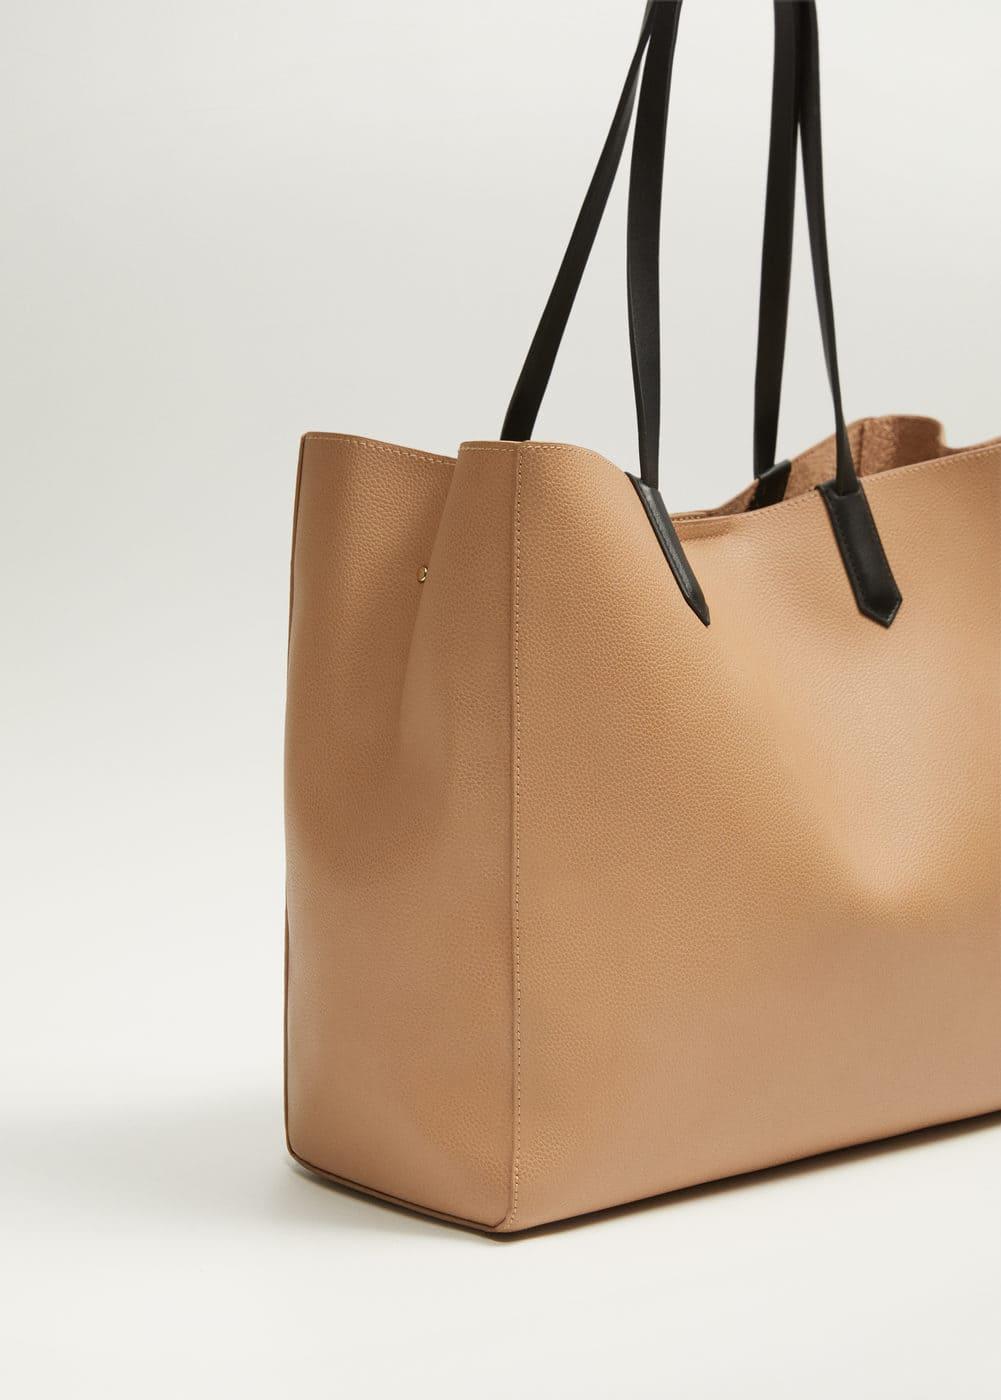 m-serra:bolso shopper